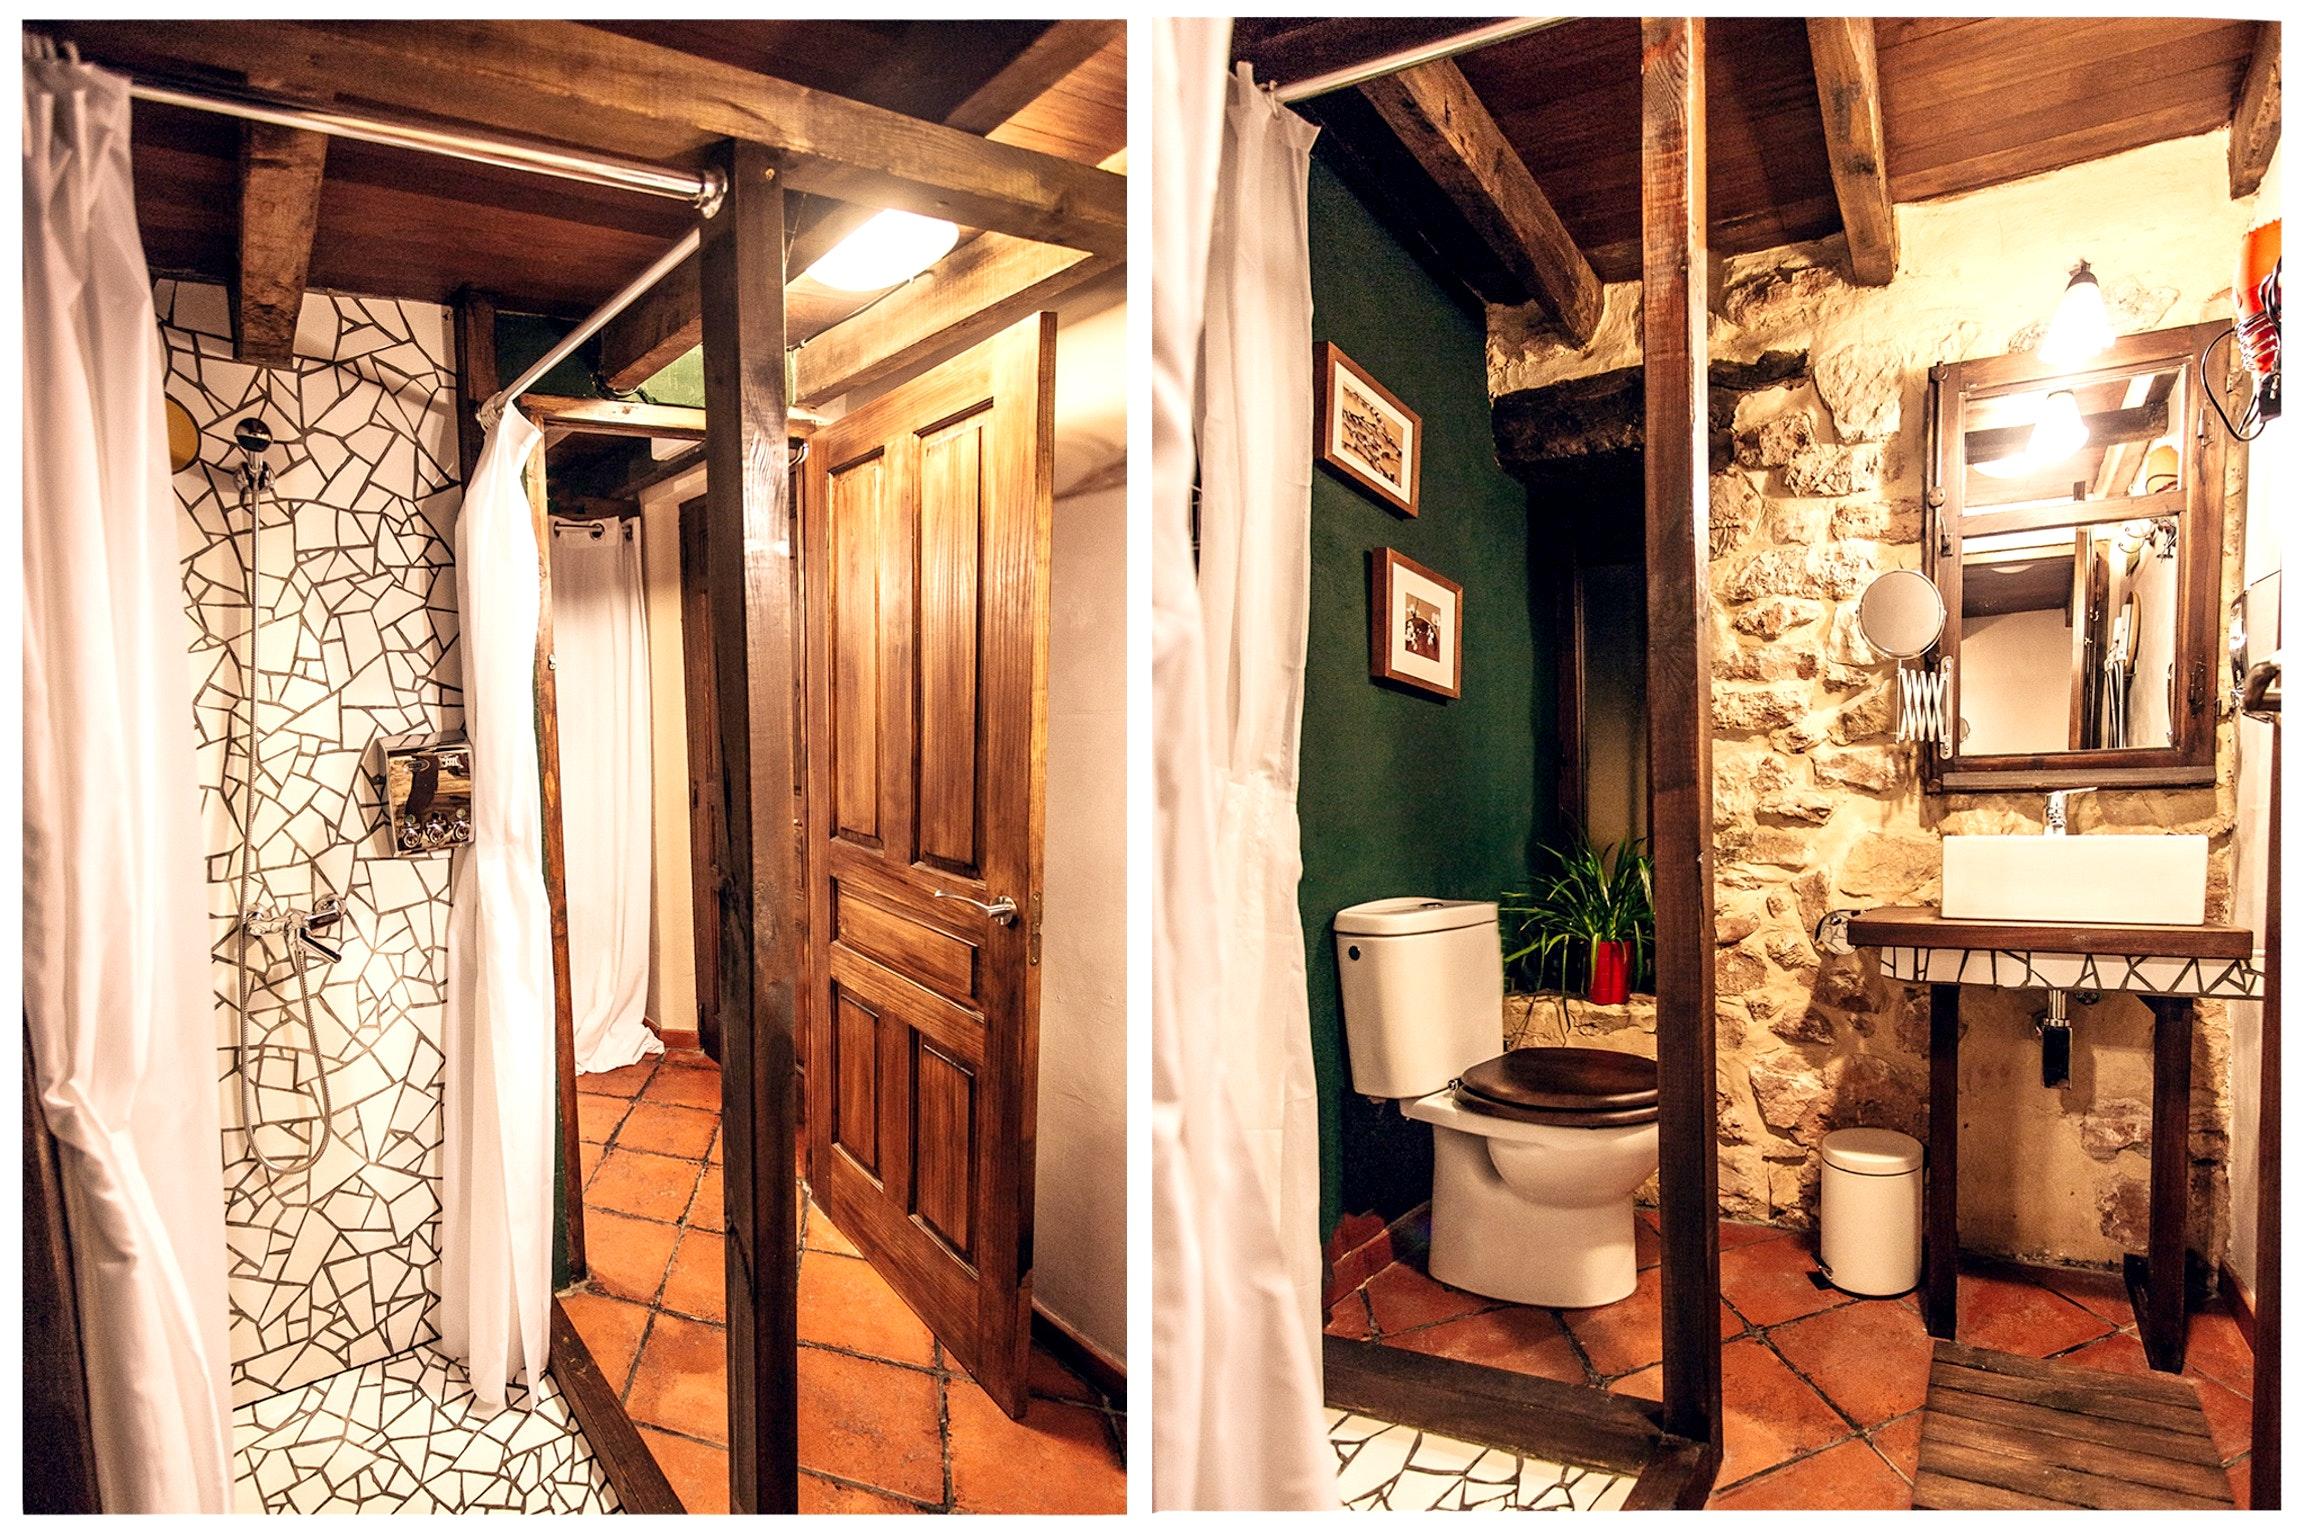 Ferienhaus Haus mit 5 Zimmern in Fuenteodra mit toller Aussicht auf die Berge, eingezäuntem Garten un (2211142), Fuenteodra, Burgos, Kastilien-León, Spanien, Bild 32